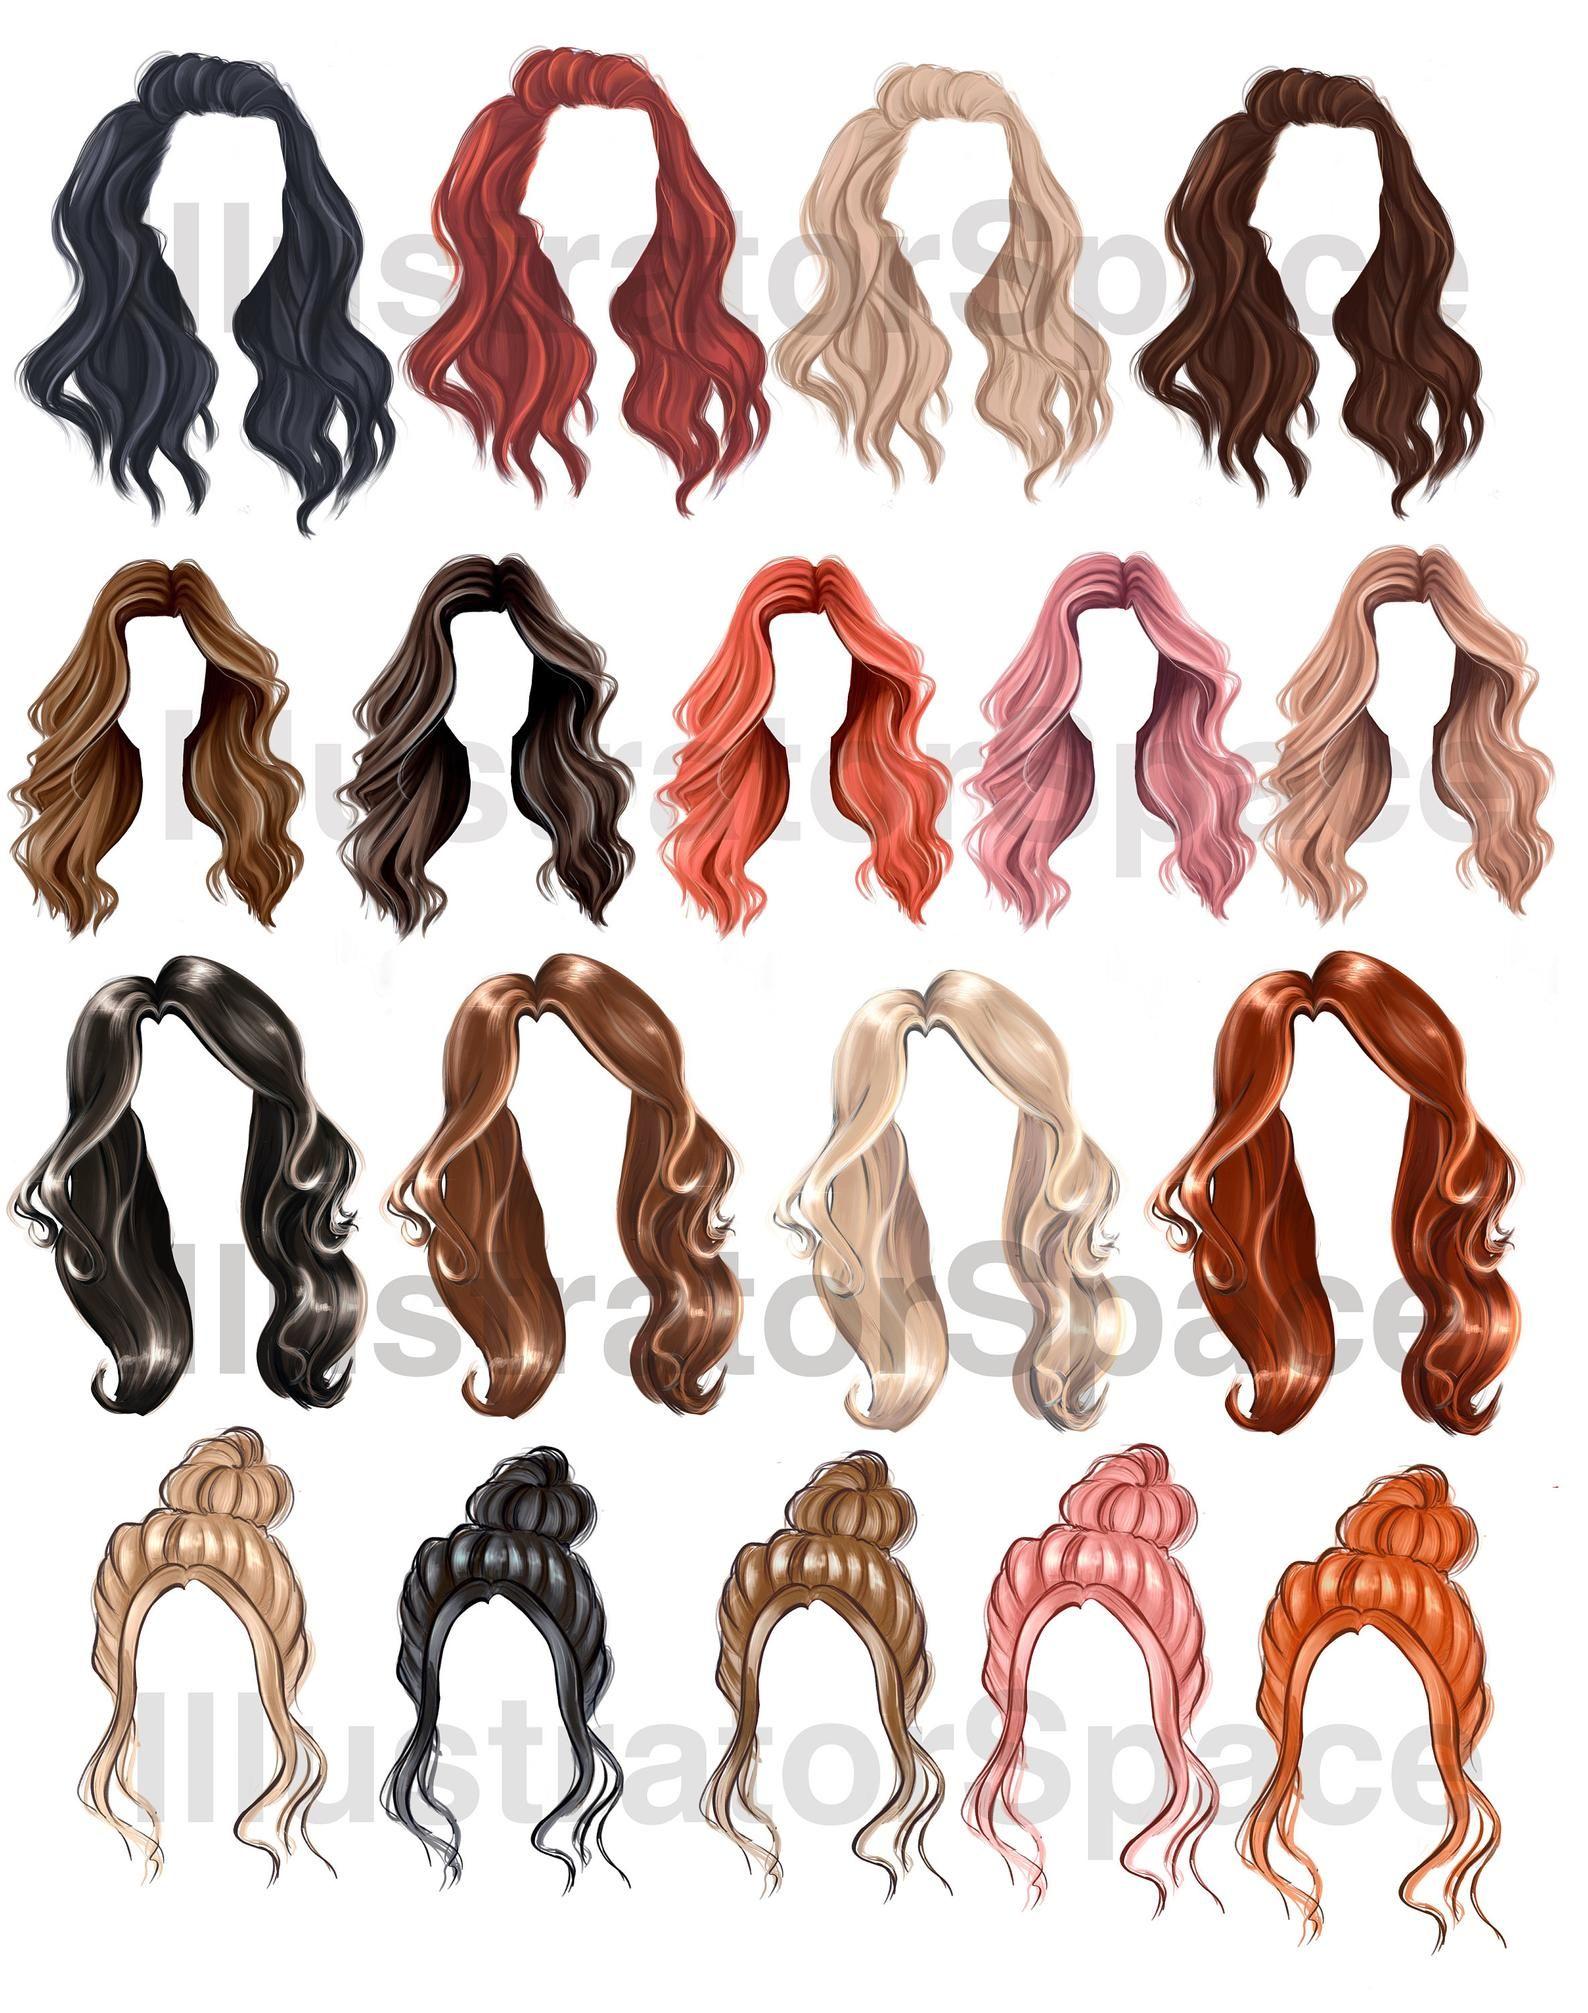 Hair clip art DIGITAL DOWNLOAD Hair Set ClipArt Cu